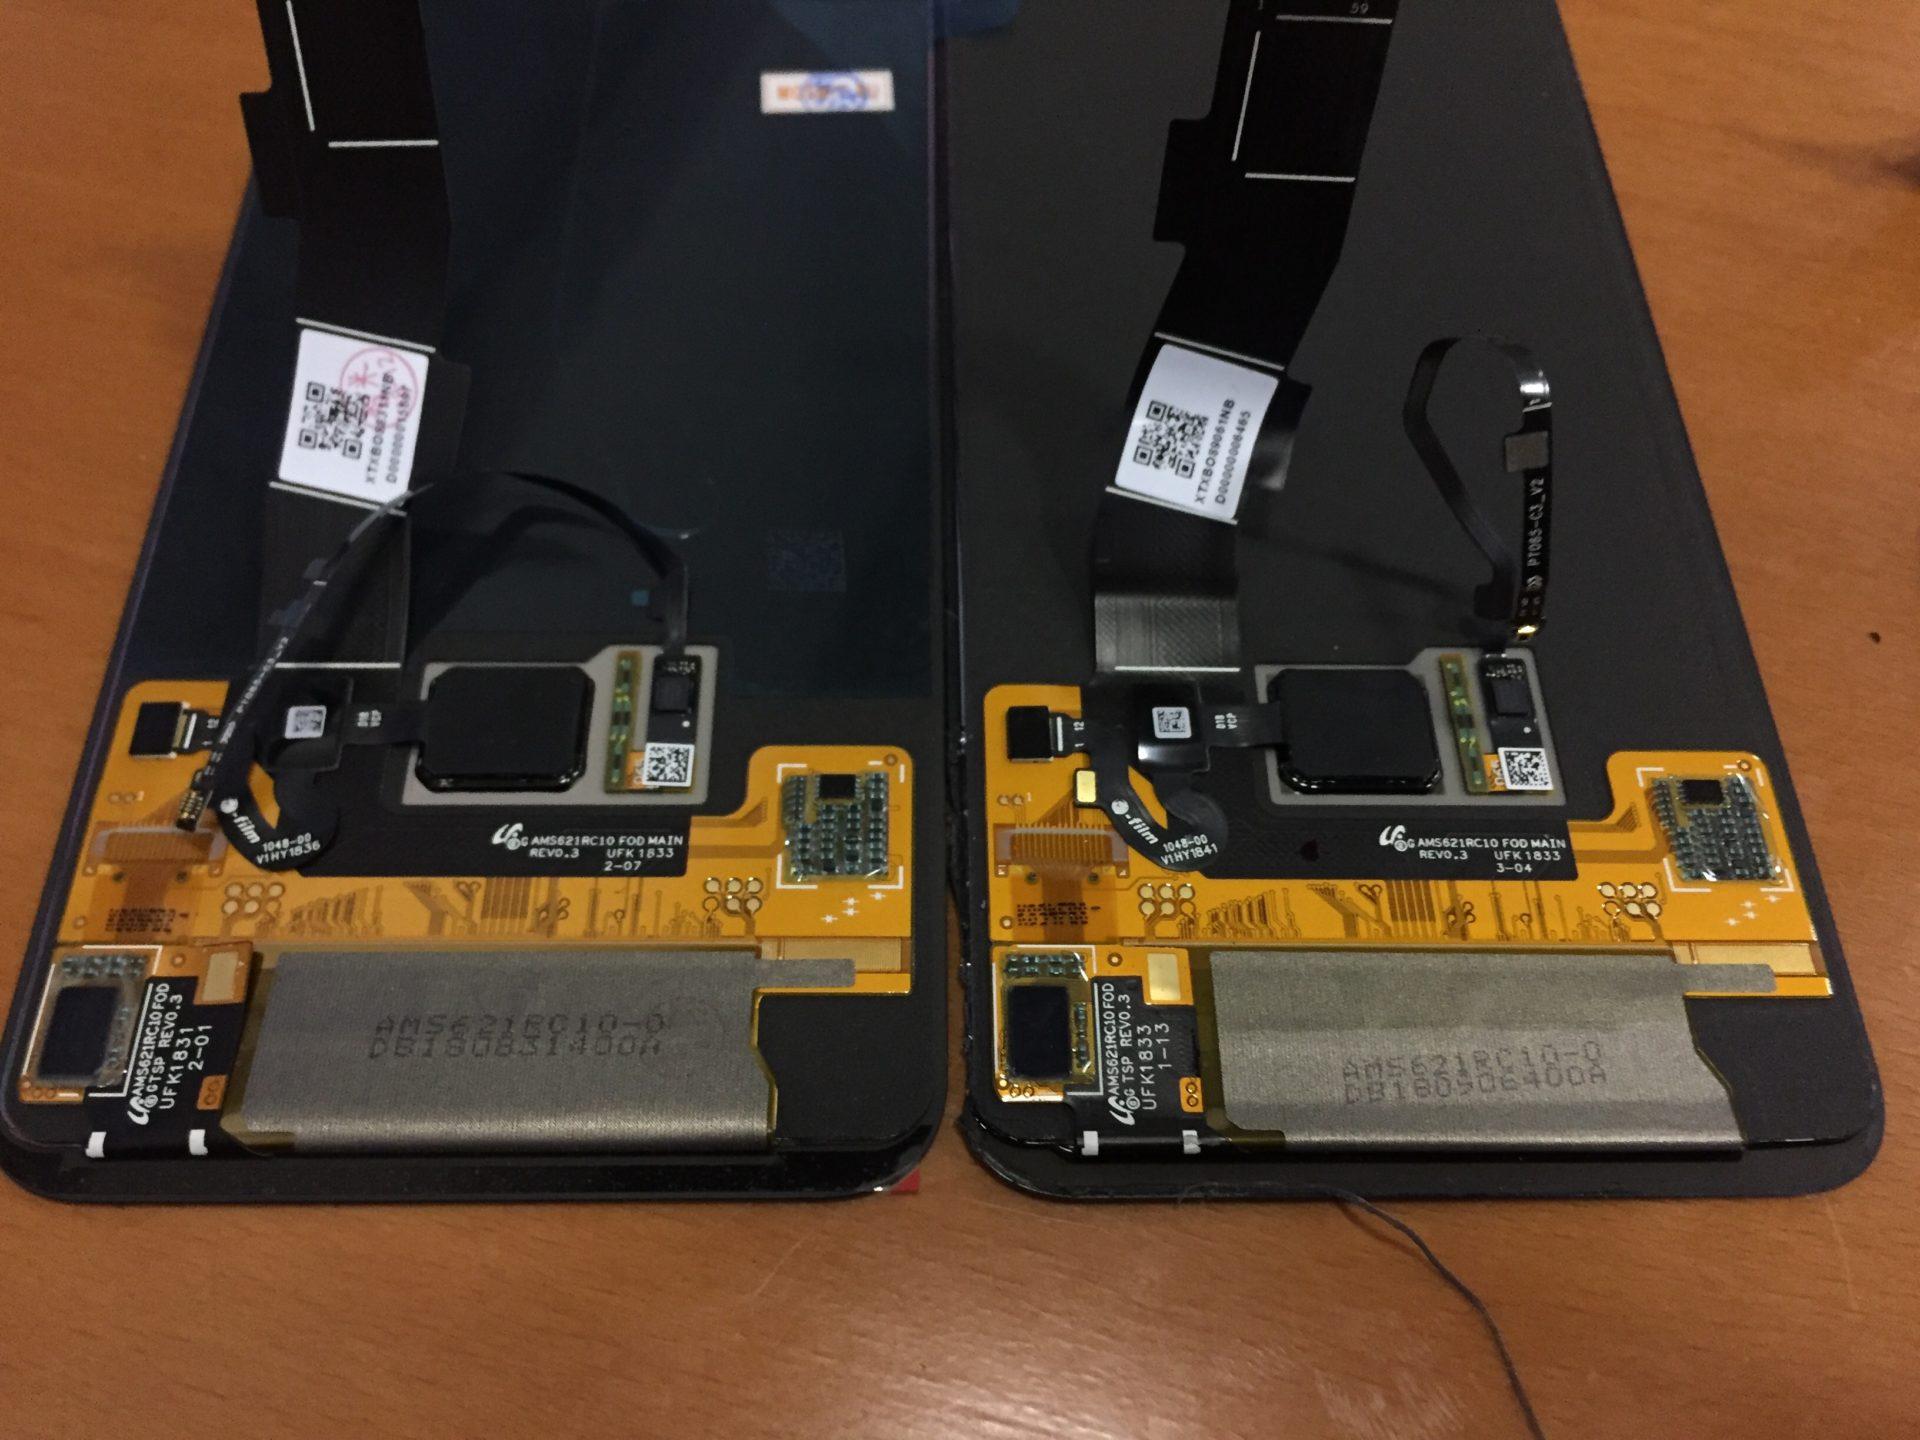 Xiaomi Mi 8 Pro - разбилось стекло и пропало изображение. Разборка и замена дисплея